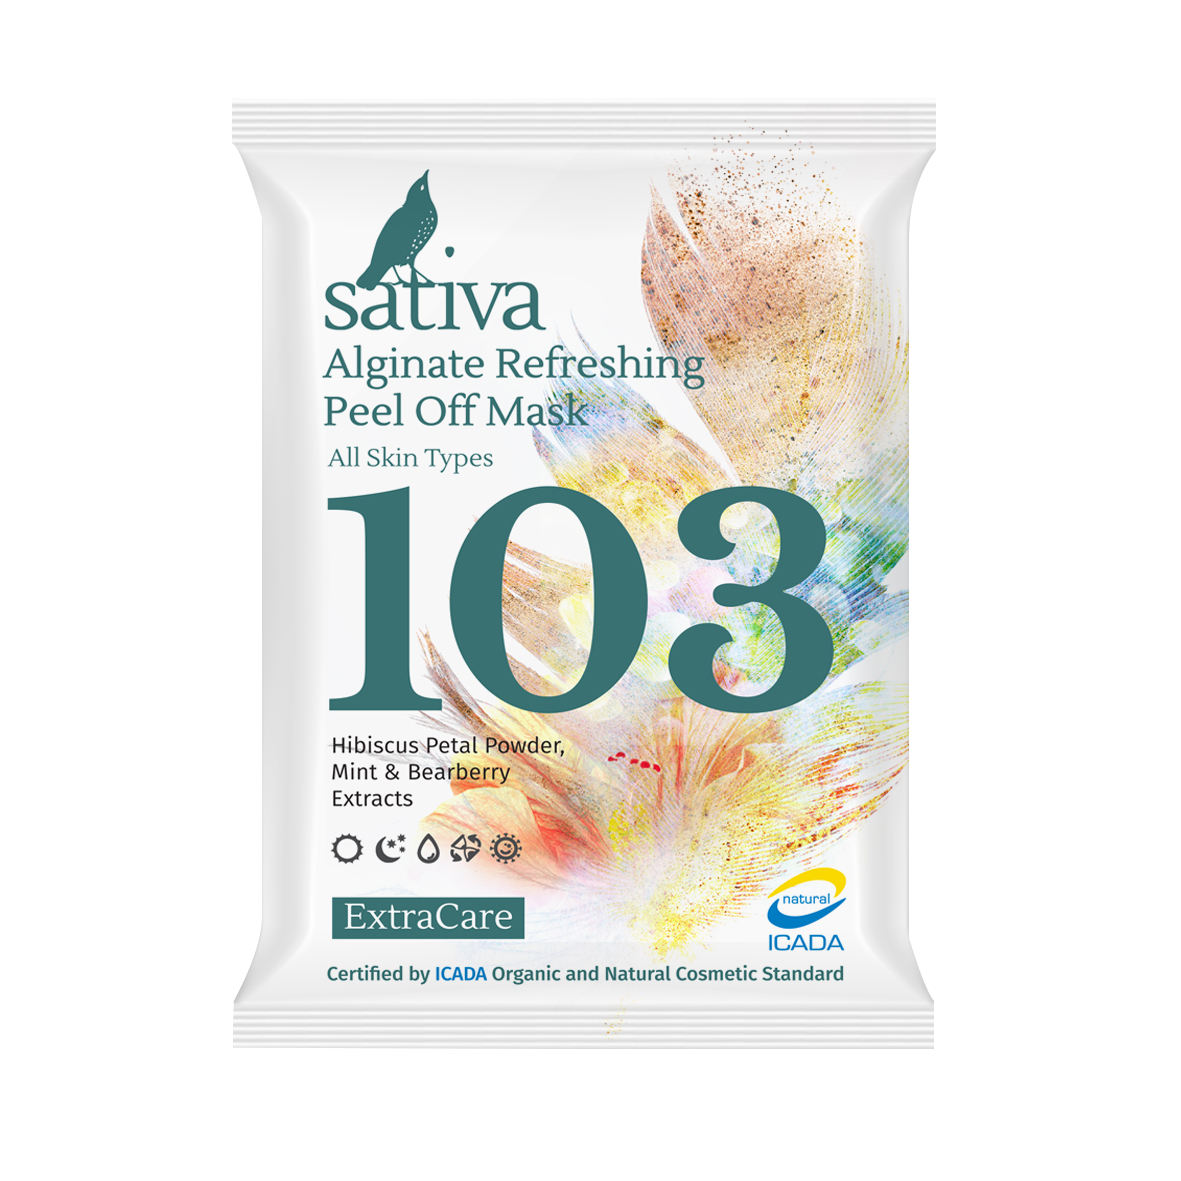 Mỹ phẩm hữu cơ Sativa